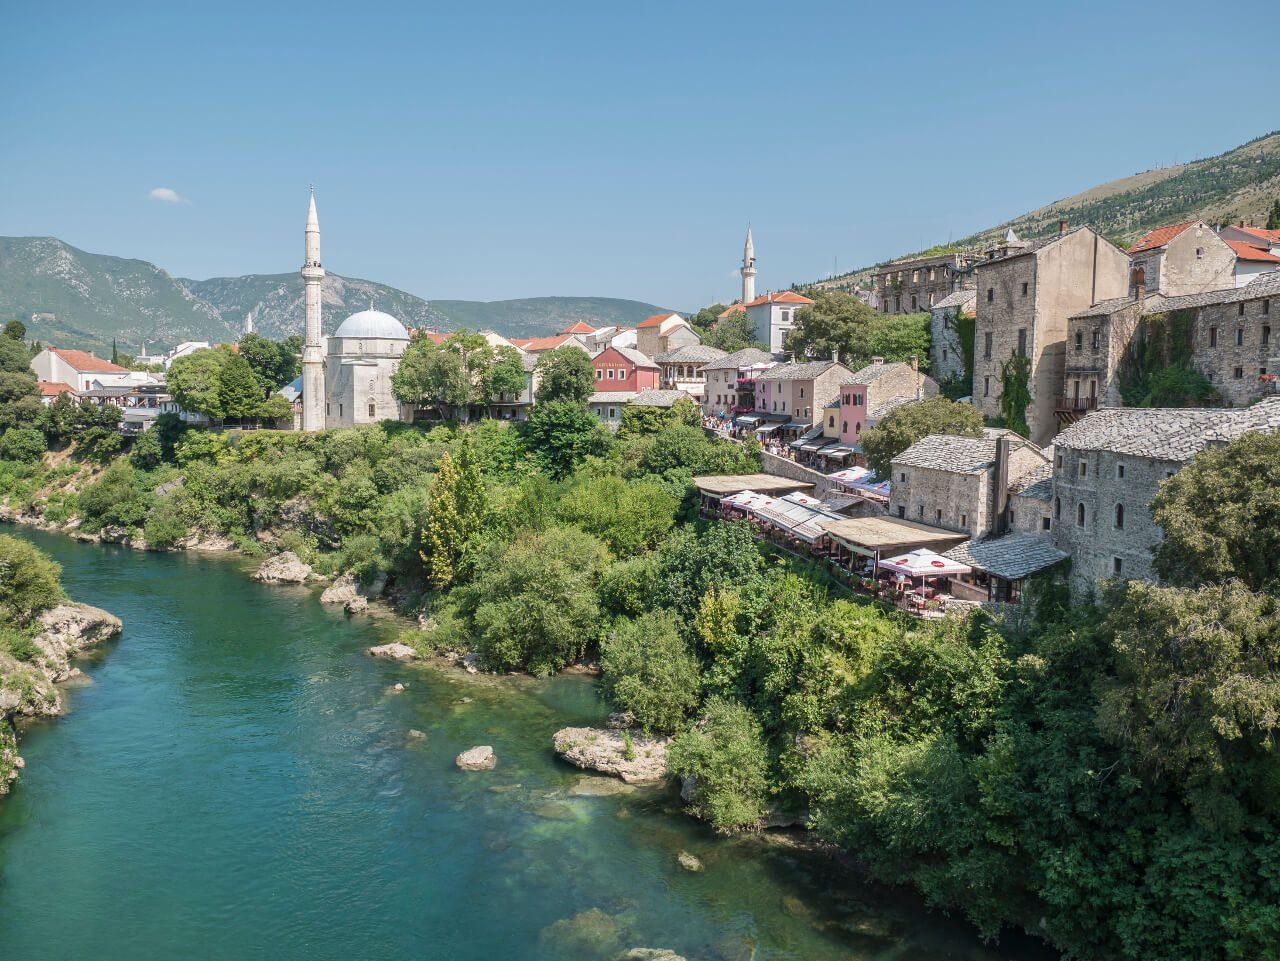 Widok na meczet Pashy i rzekę Neretwa w Mostarze